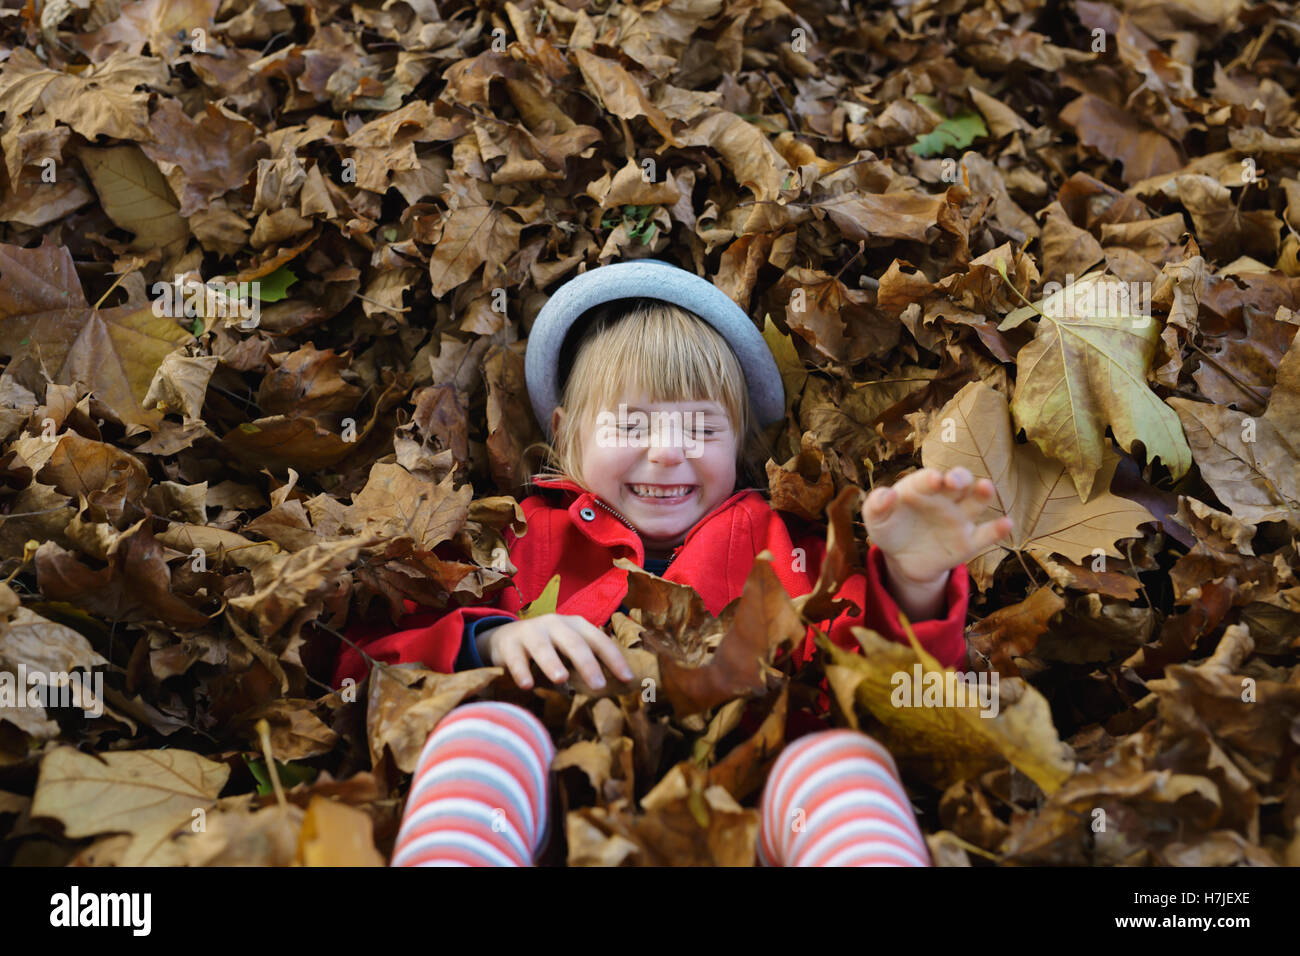 Felice l'autunno. Bambina in rosso cappotto giocando con il mucchio di foglie secche in autunno park. Foto Stock